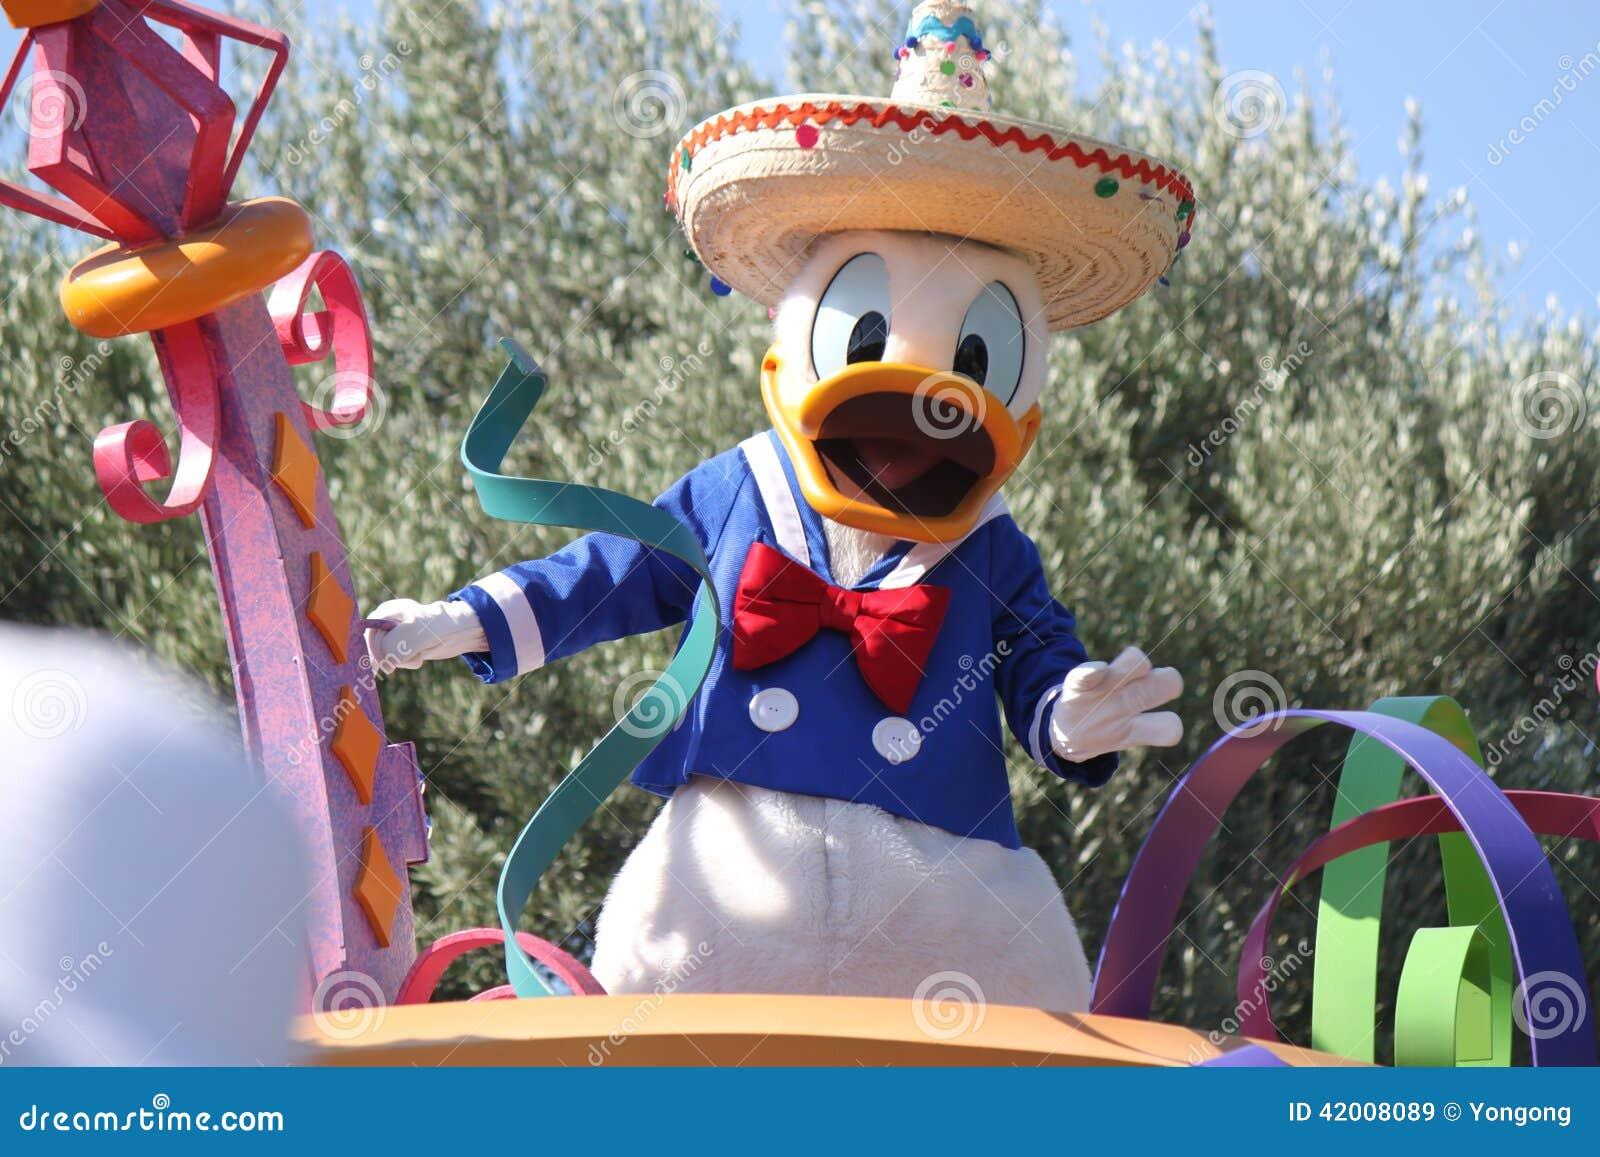 Donald Duck de Disneyland California